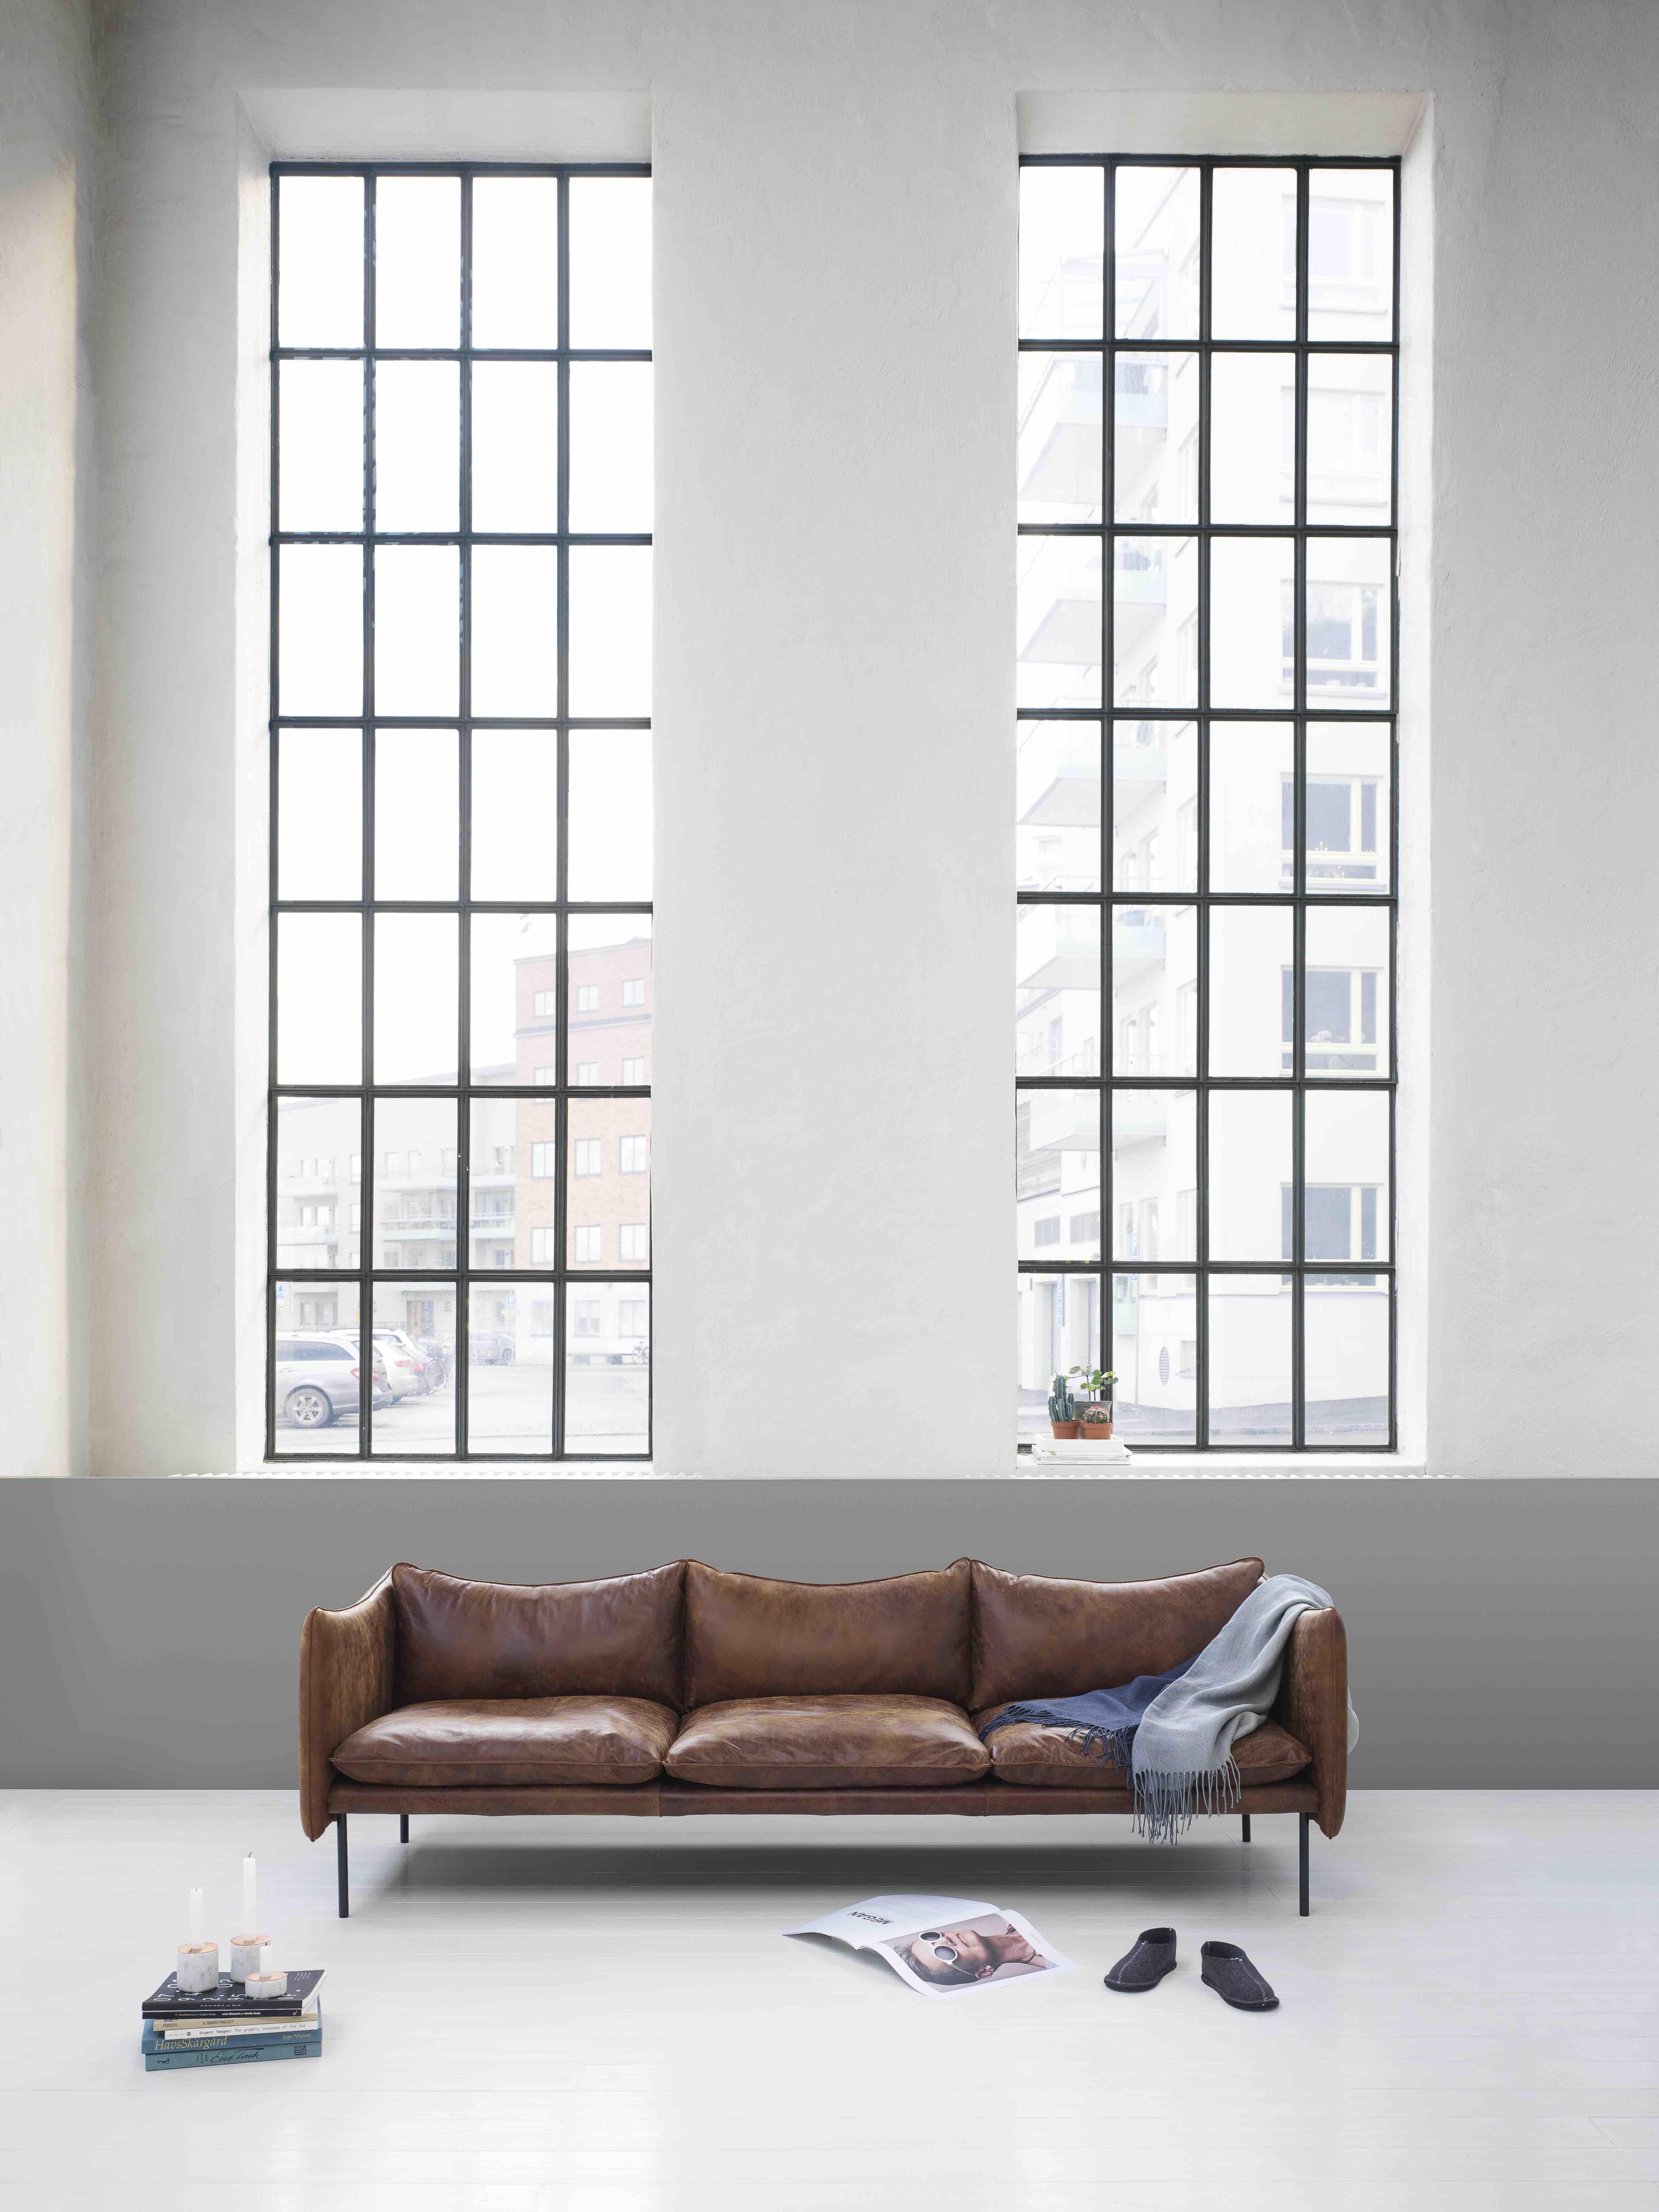 TIKI sofa 3 seater-Vintage leather